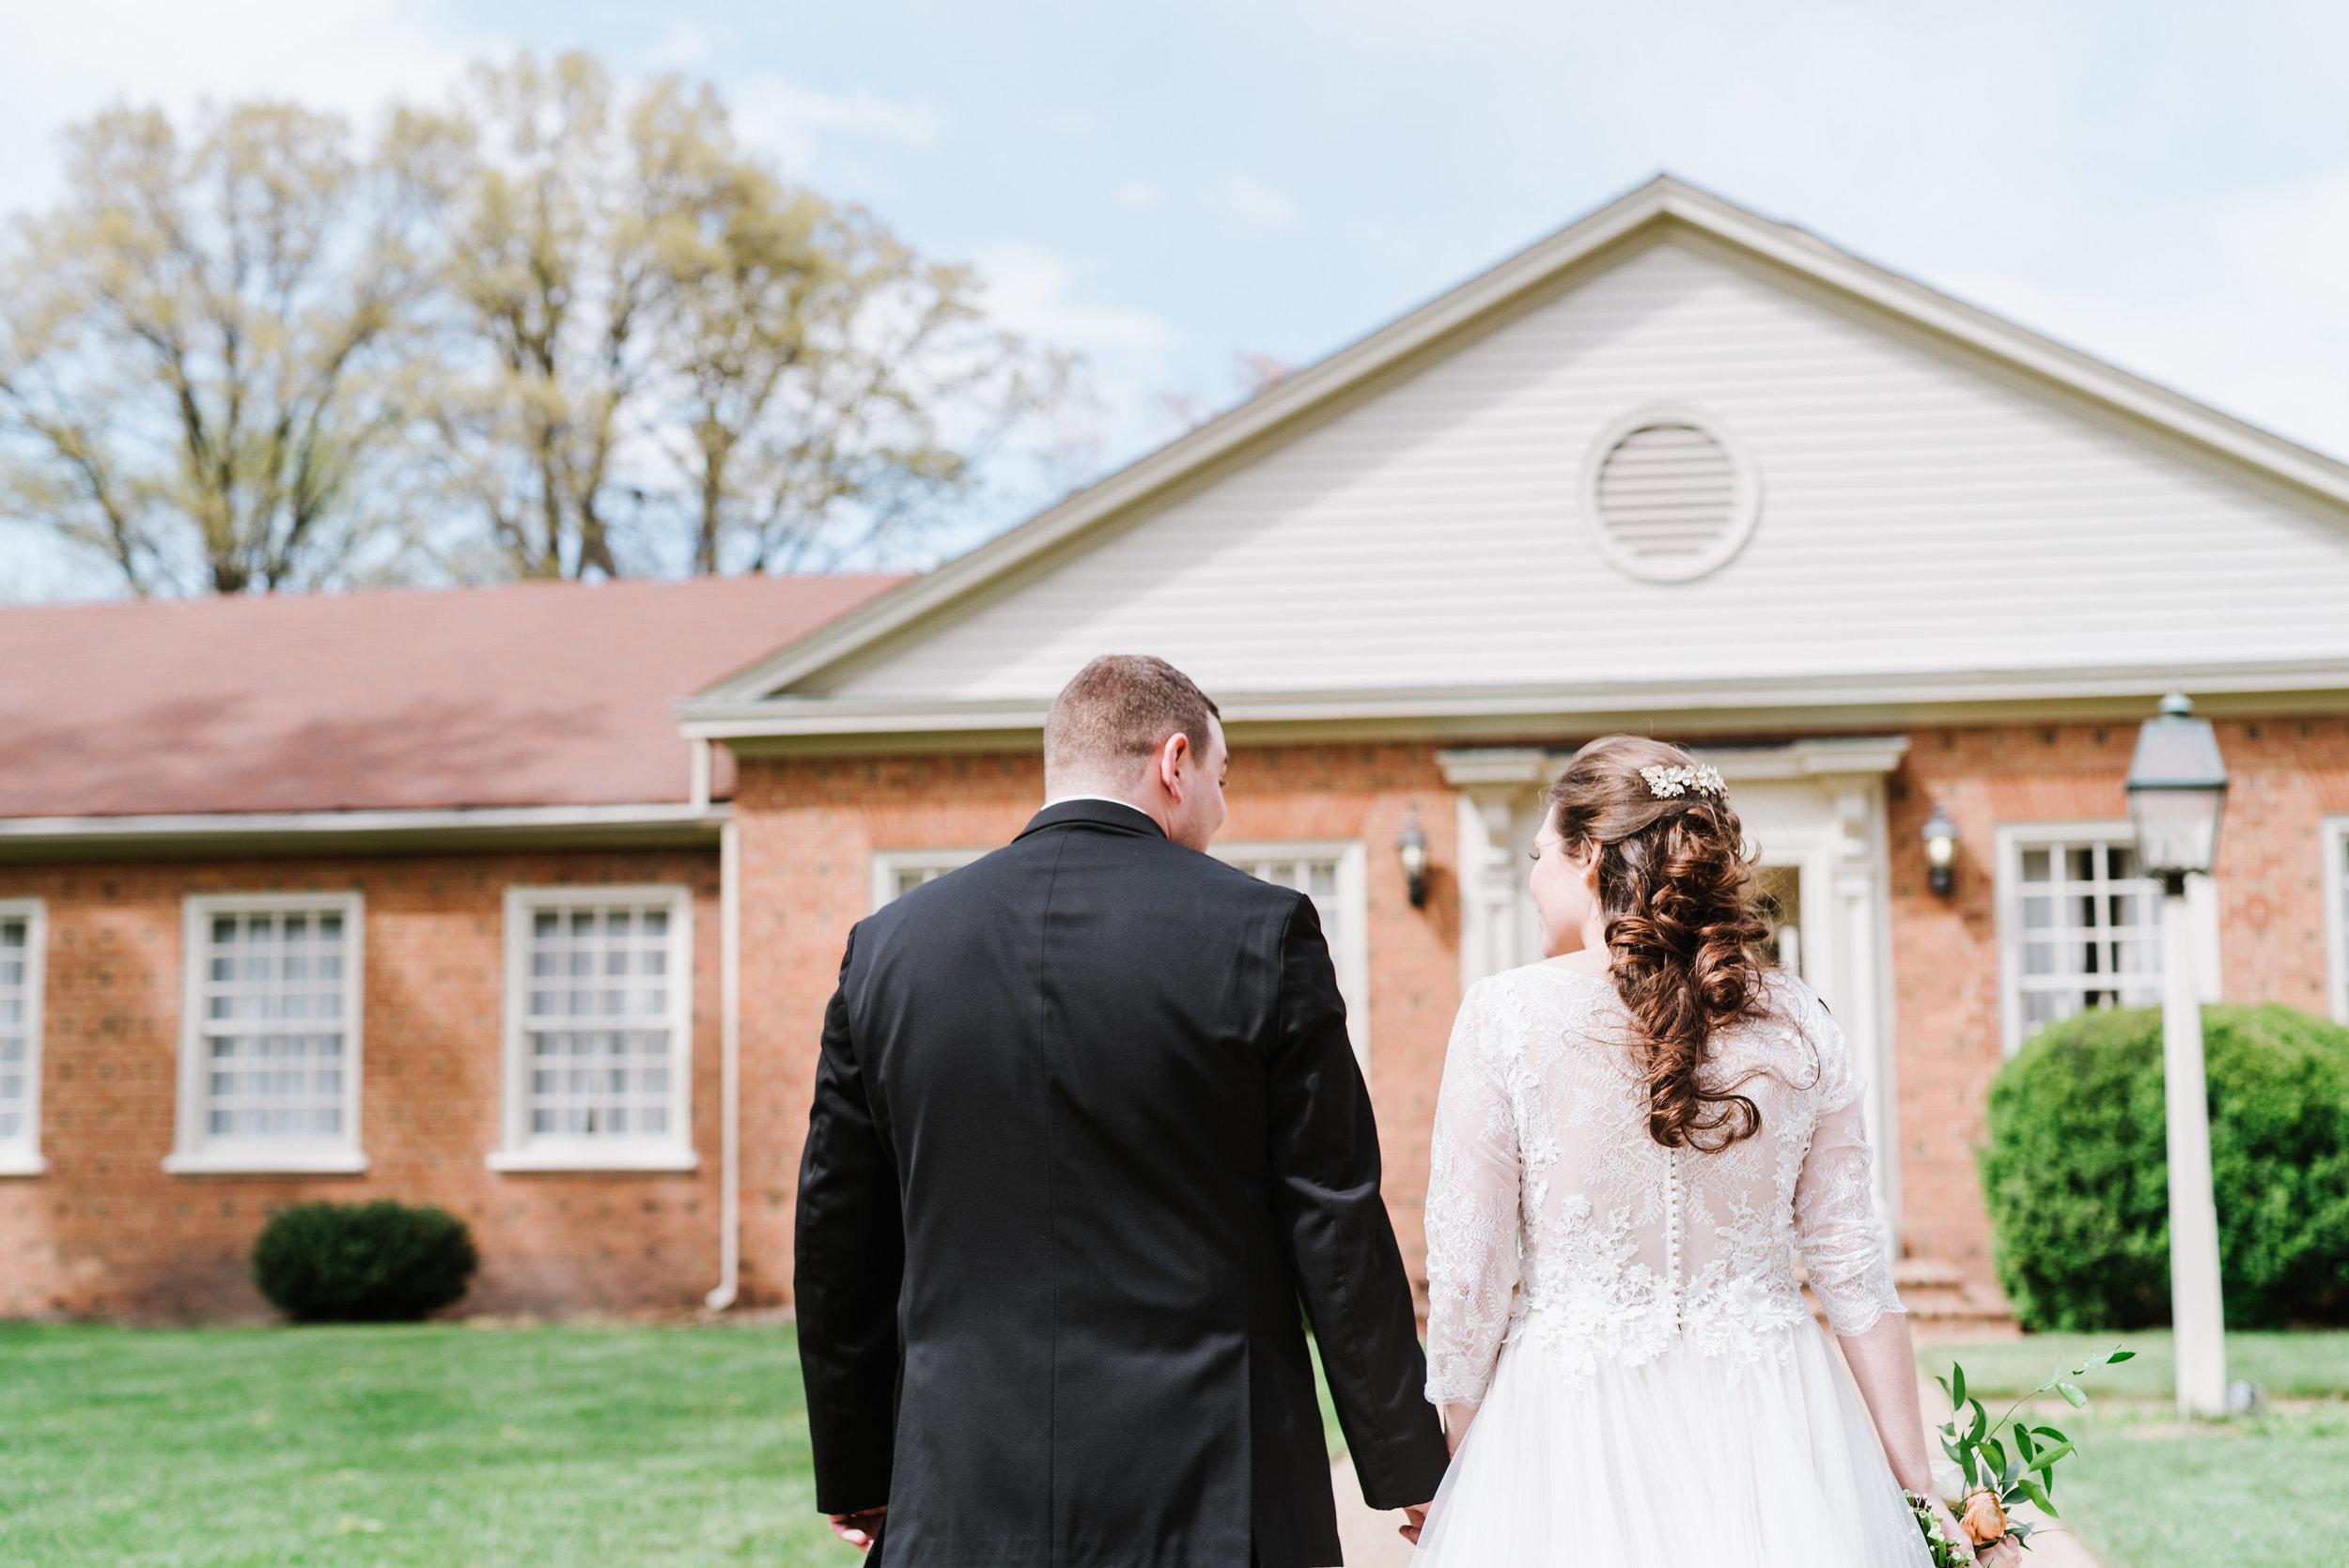 tylar-seth-wedding-338.jpg